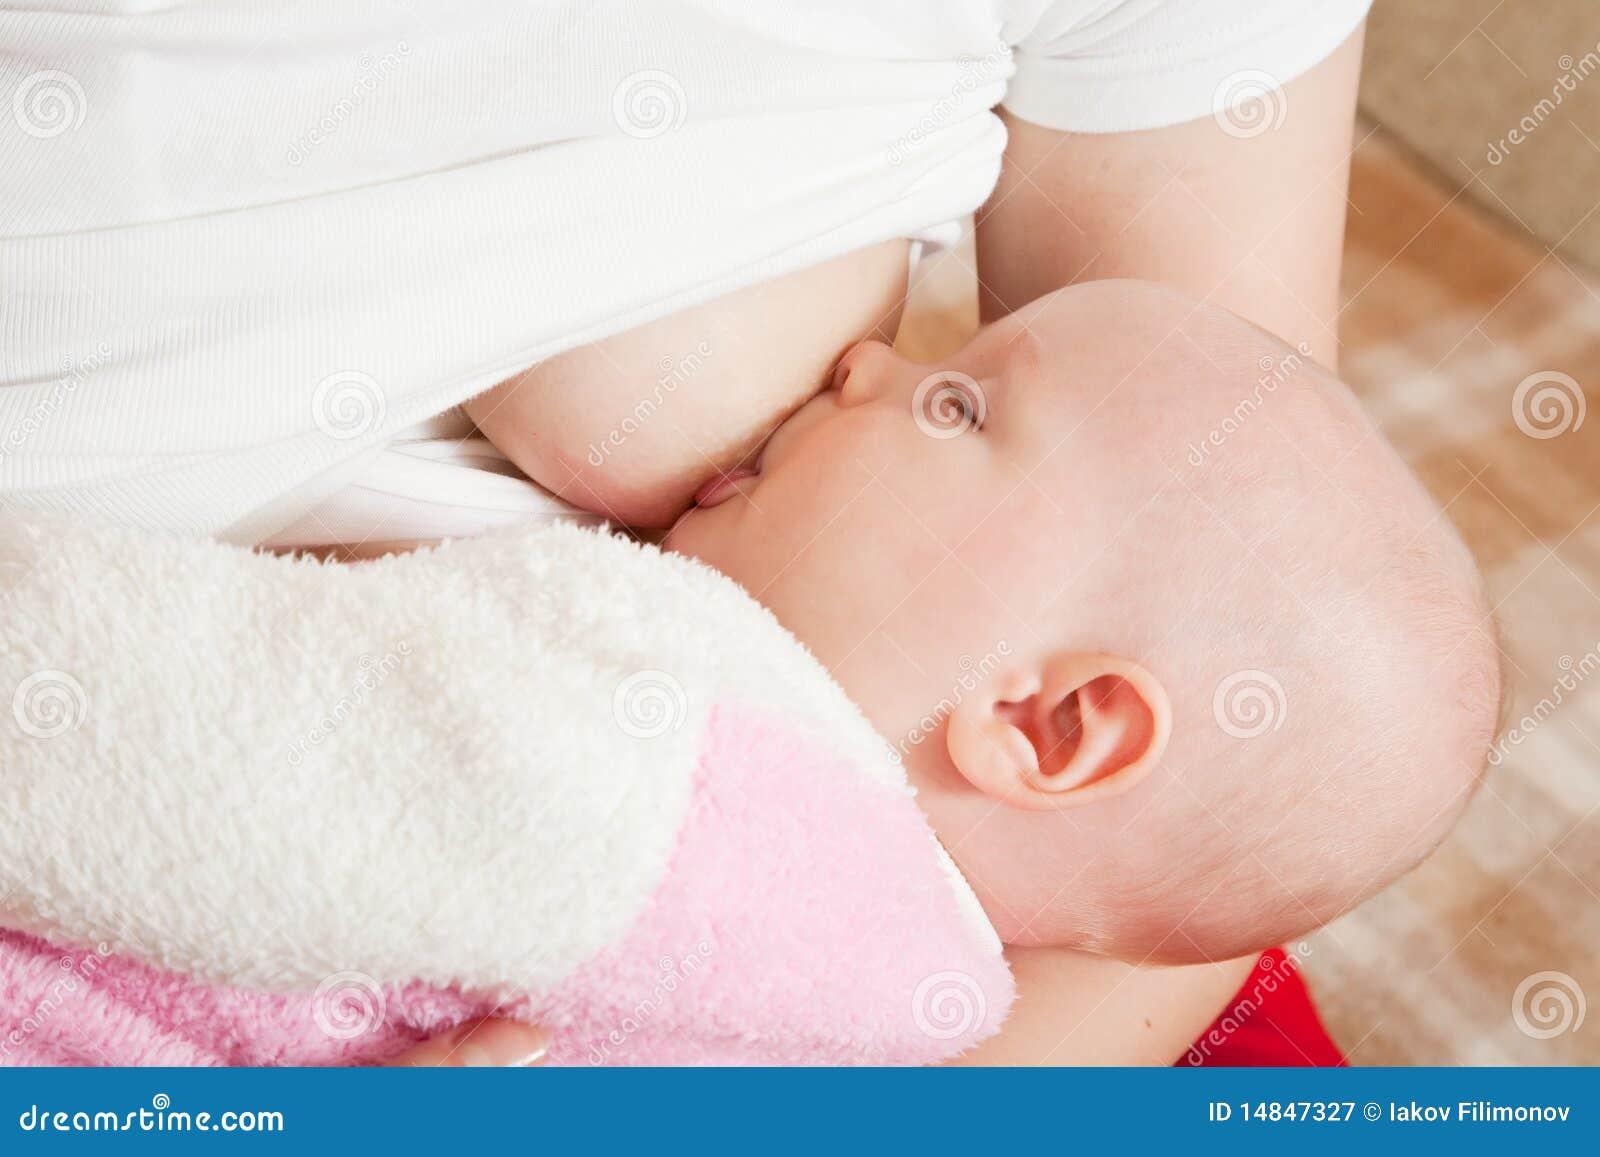 Как правильно прикладывать новорожденного ребенка при кормлении фото